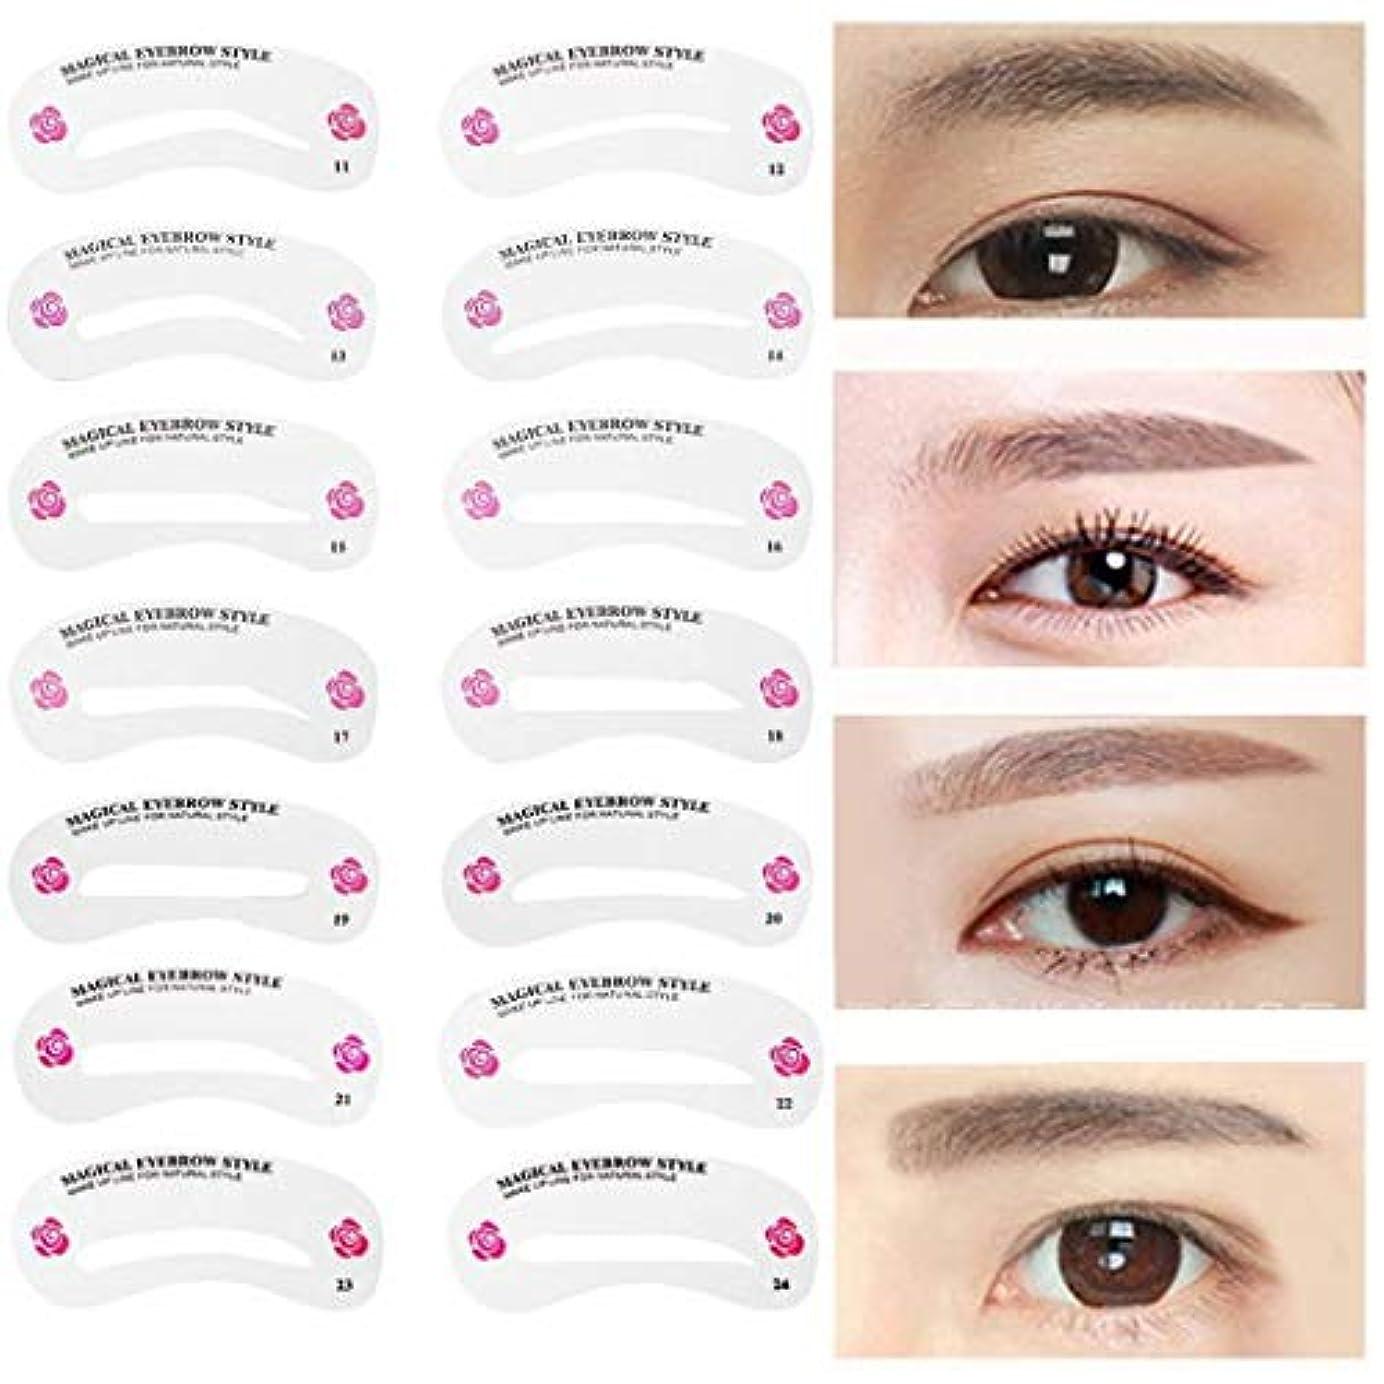 化学薬品身元試験24種類 眉毛24パターン 眉用ステンシル 眉毛を気分で使い分け